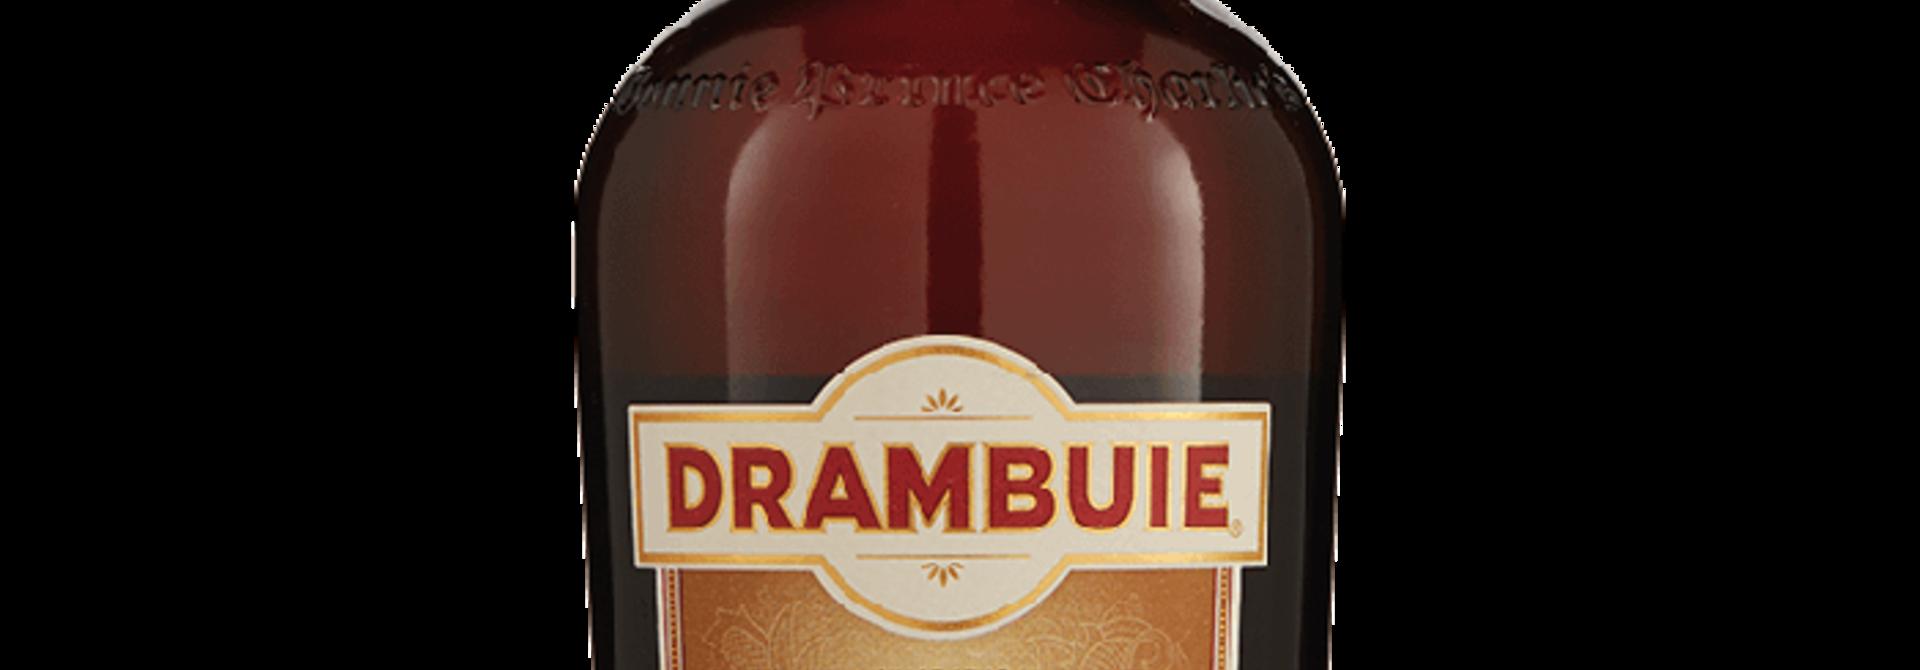 DRAMBUIE 0.7ltr